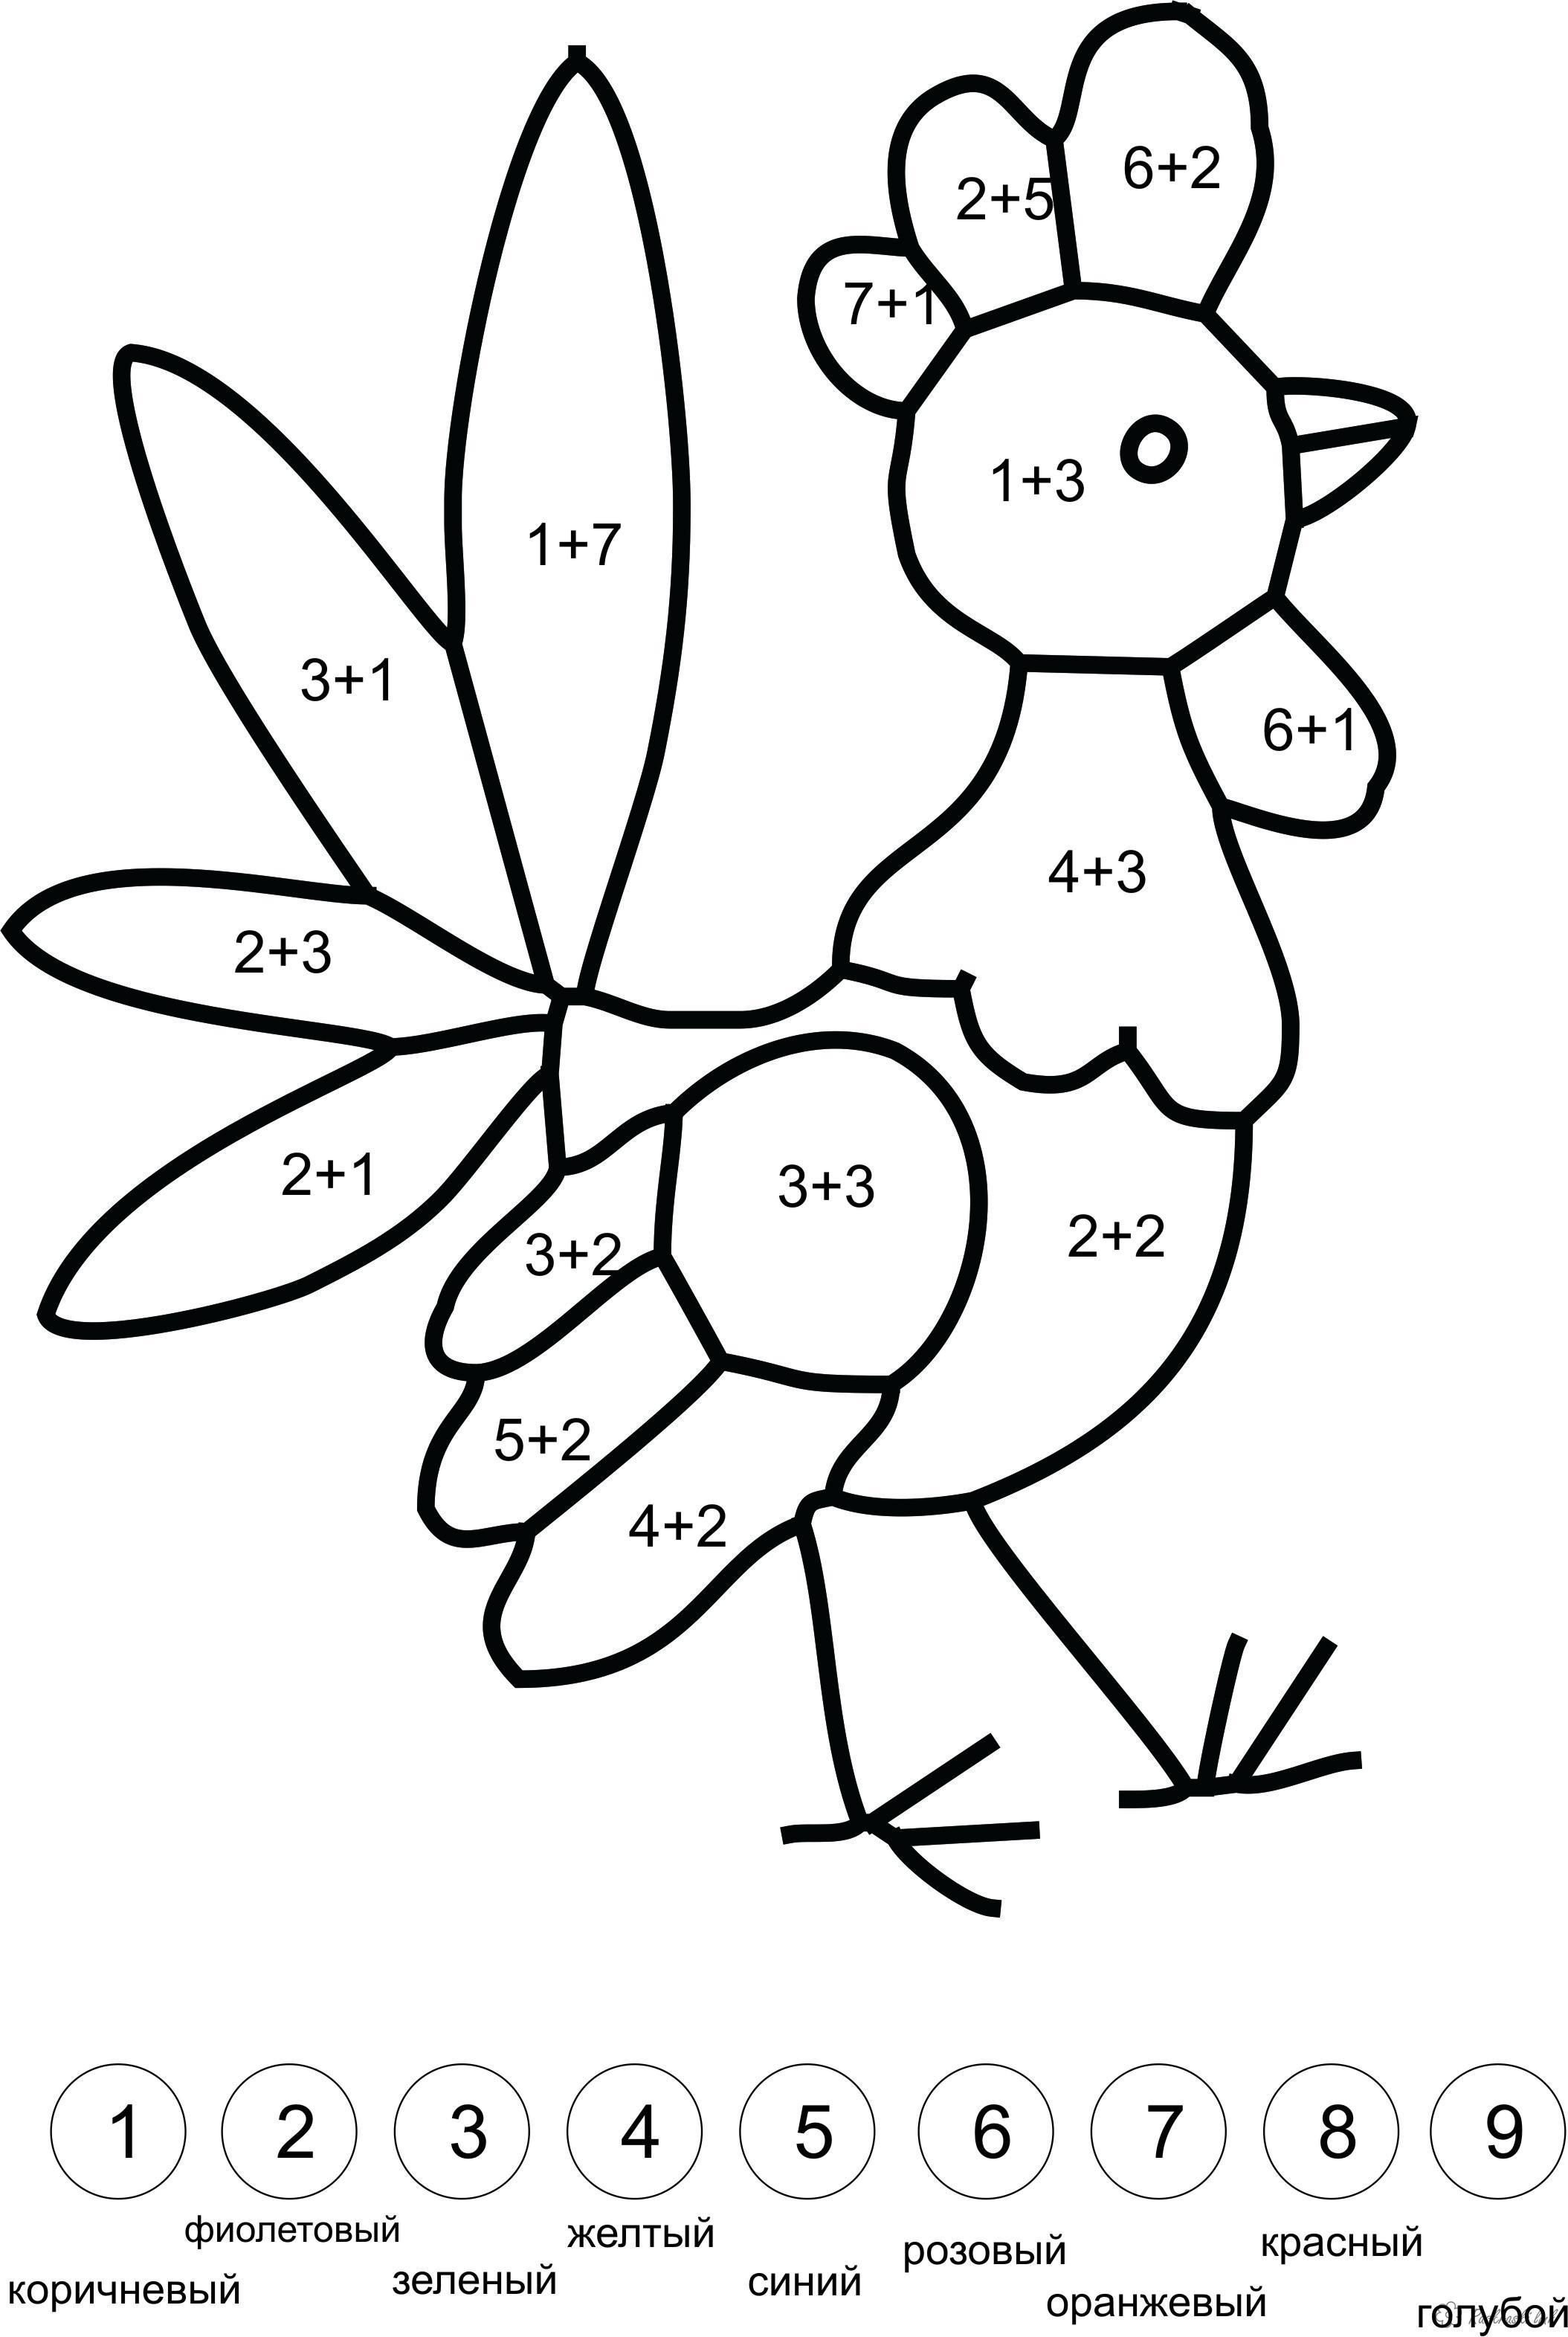 Розмальовки Математичні розмальовки для дошкільнят математичні розмальовки для дошкільнят, навчальні розмальовки, розфарбуй півника по цифрах